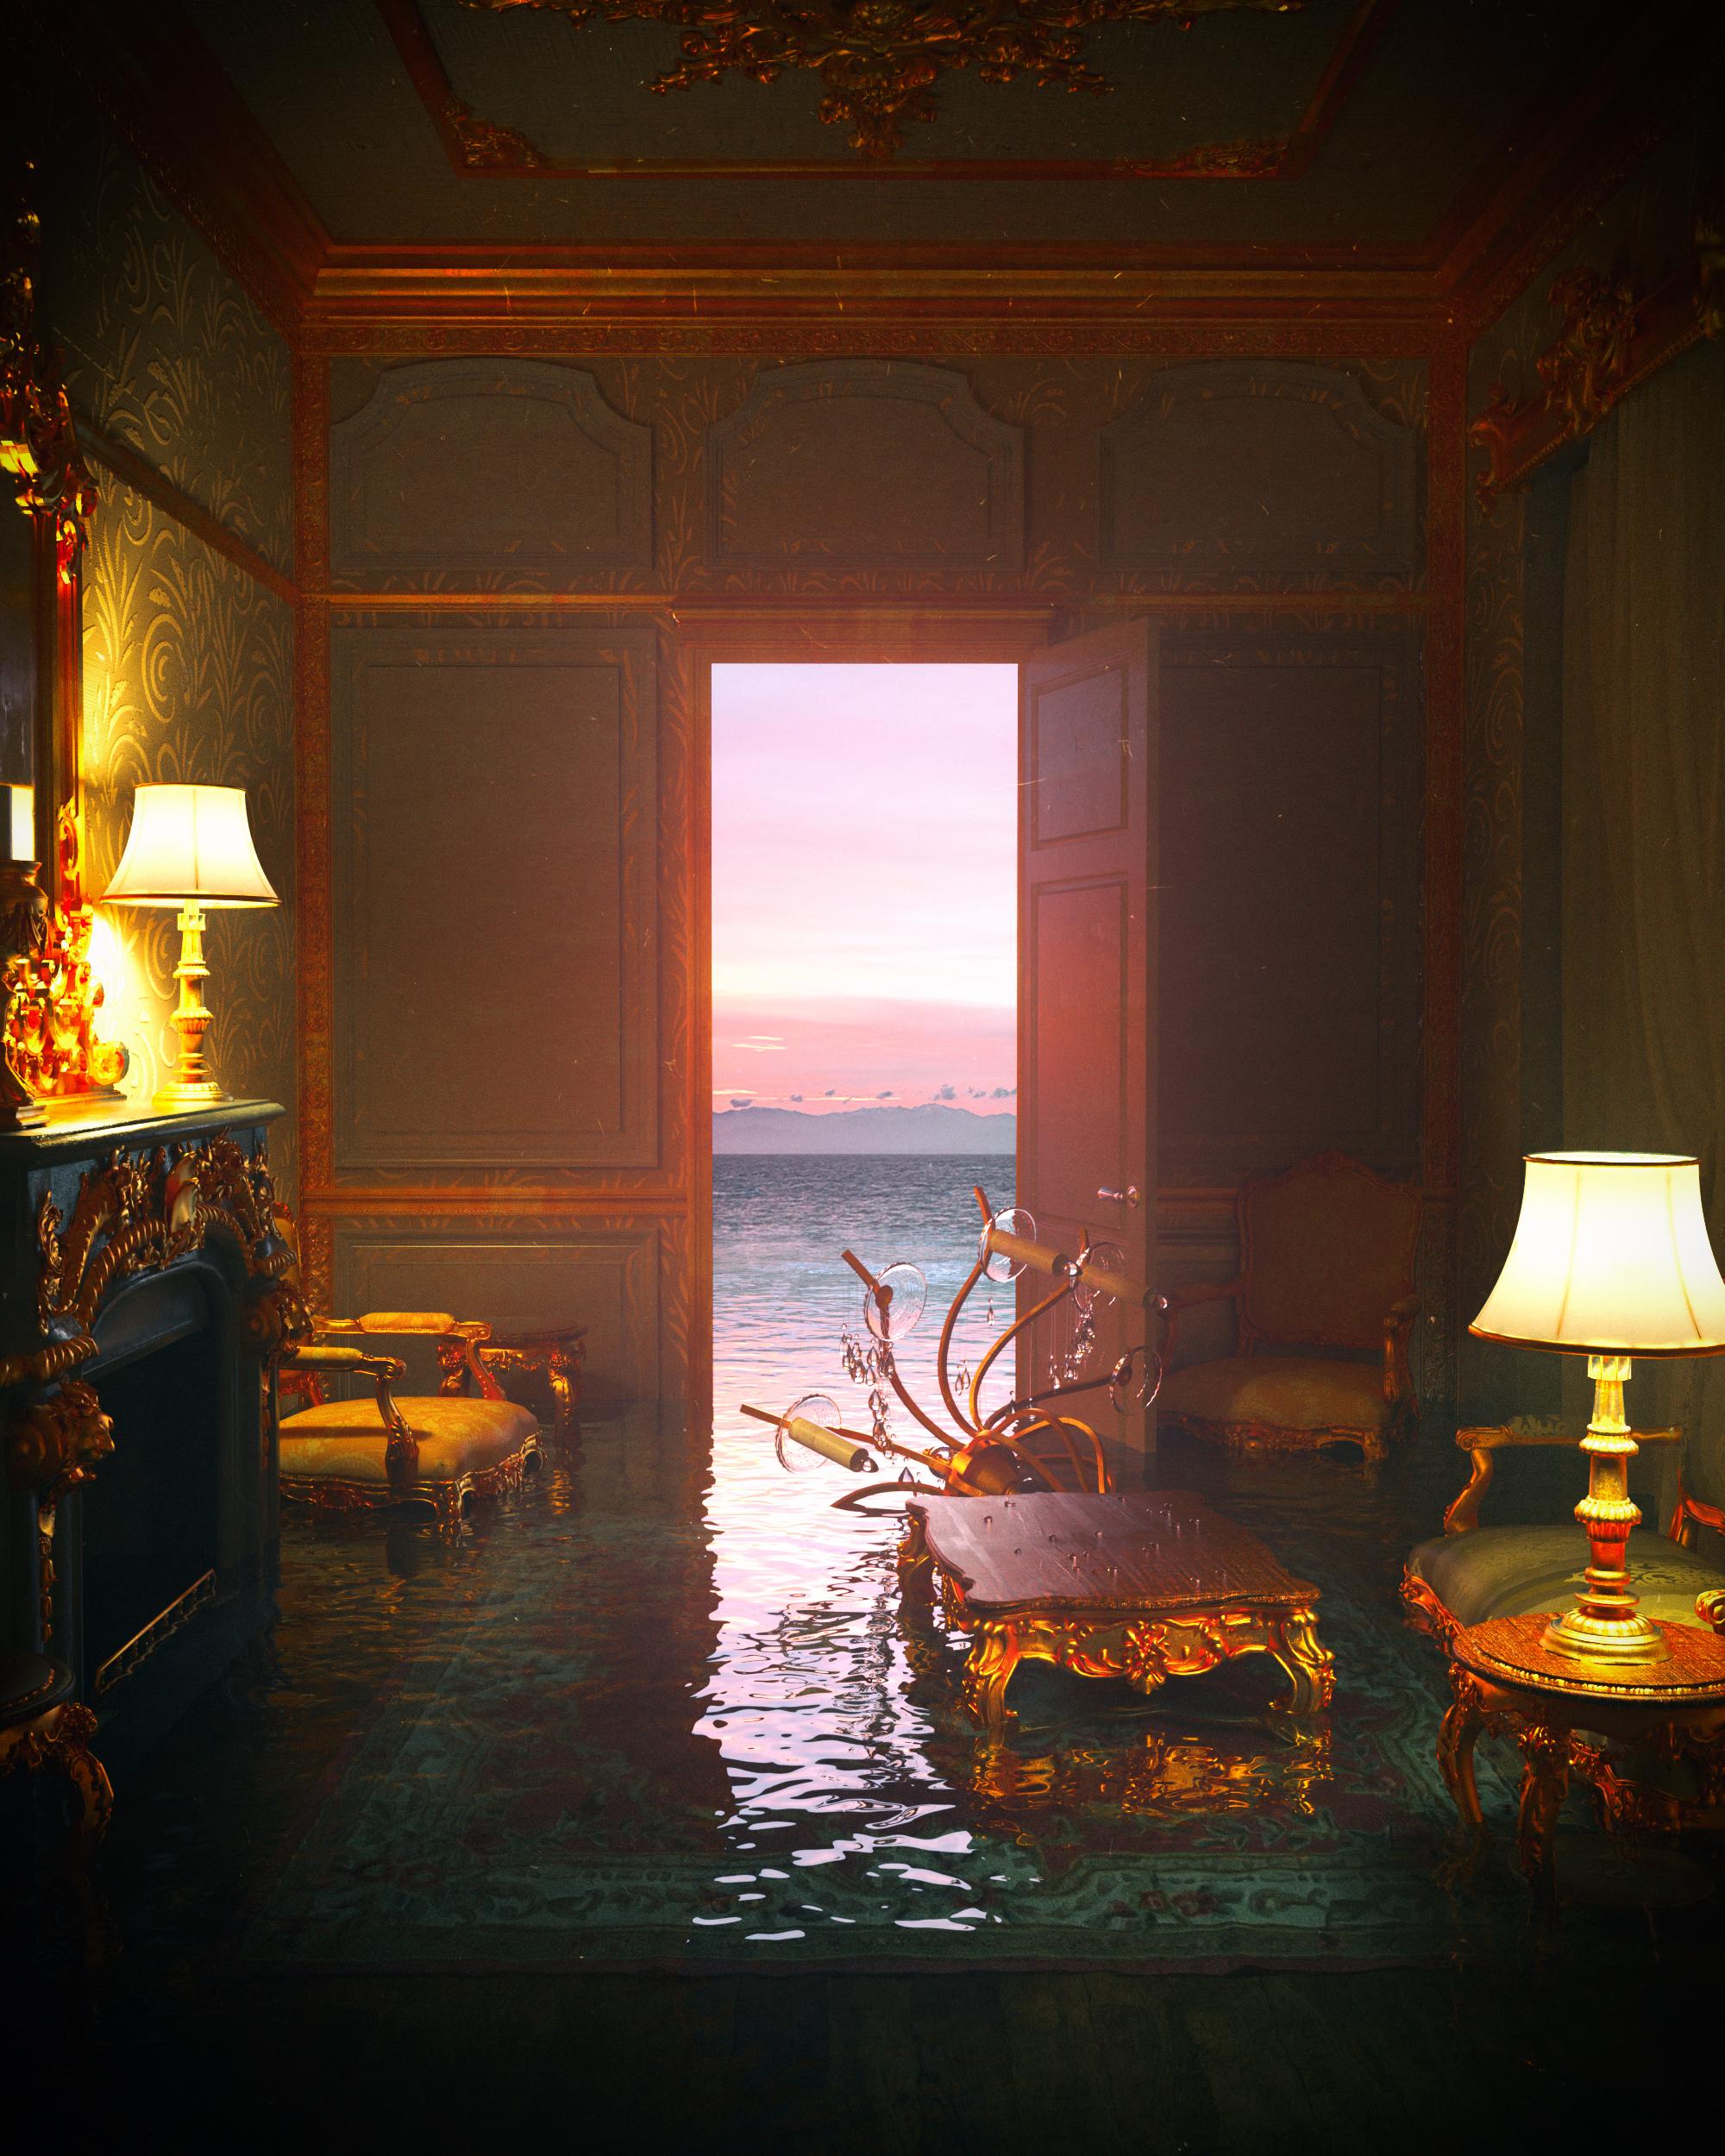 景观摄影的超现实设计创作的相关图片